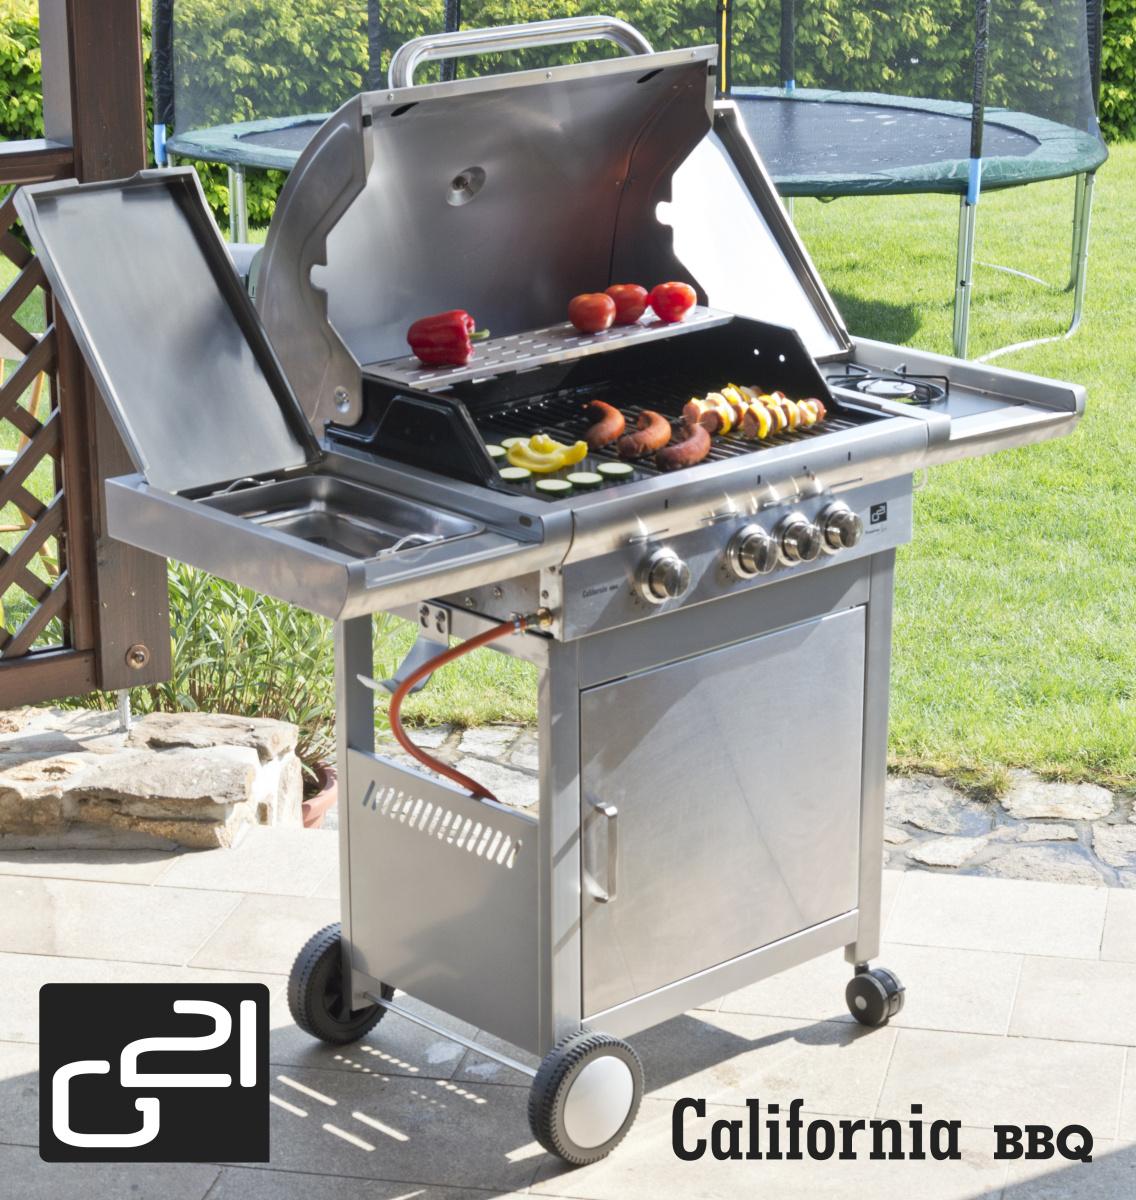 Plynový gril G21 California BBQ Premium line, 4 hořáky - poškozený obal